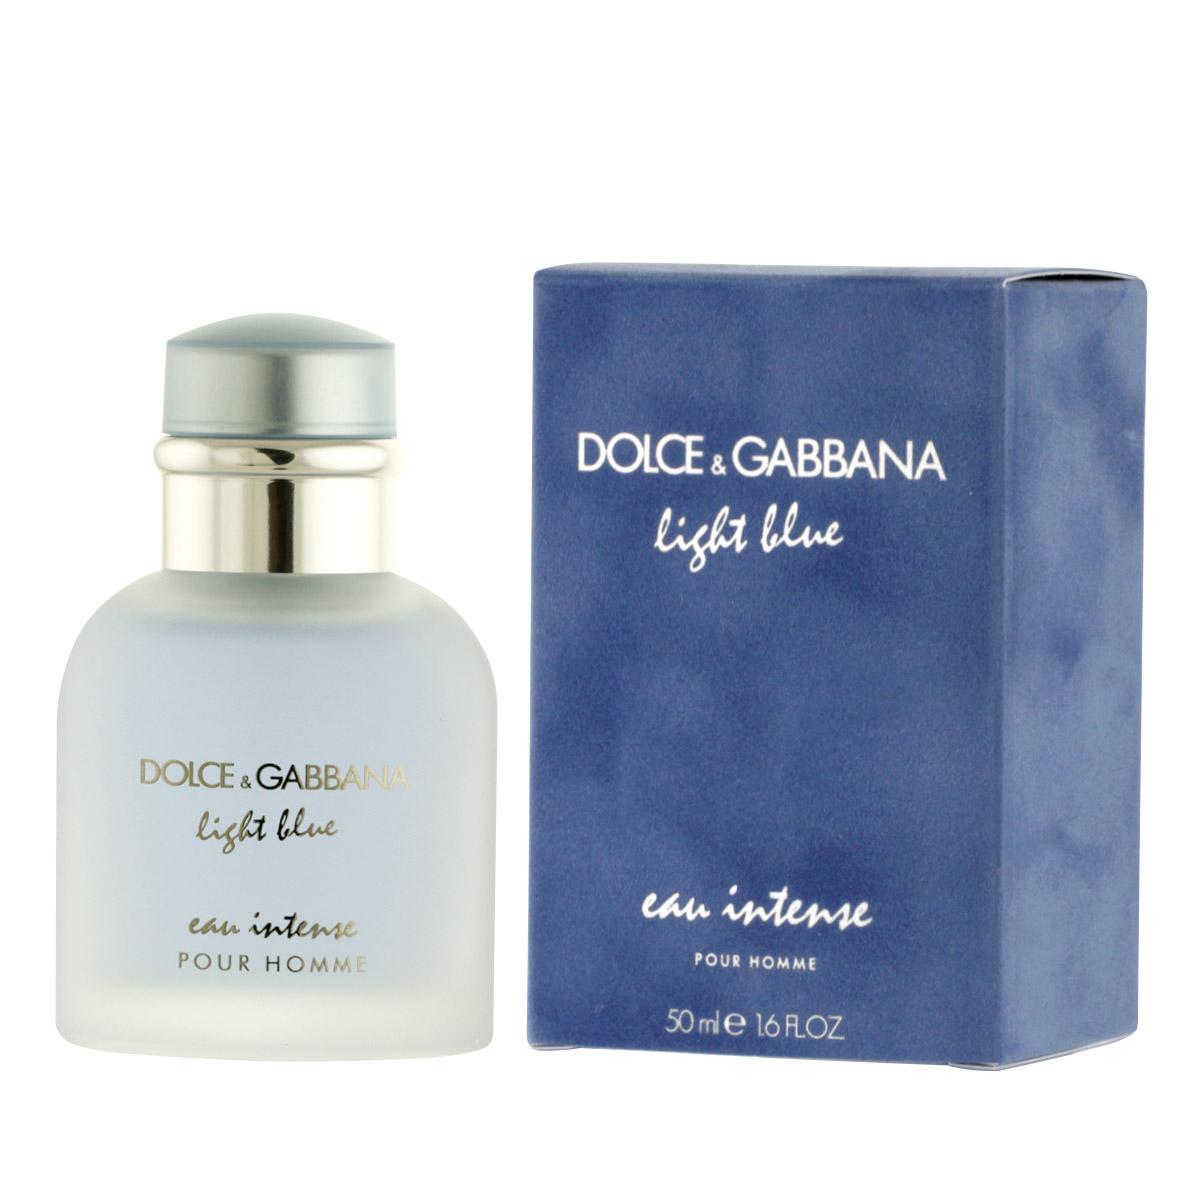 Dolce & Gabbana Light Blue Eau Intense Pour Homme EDP 50 ml M